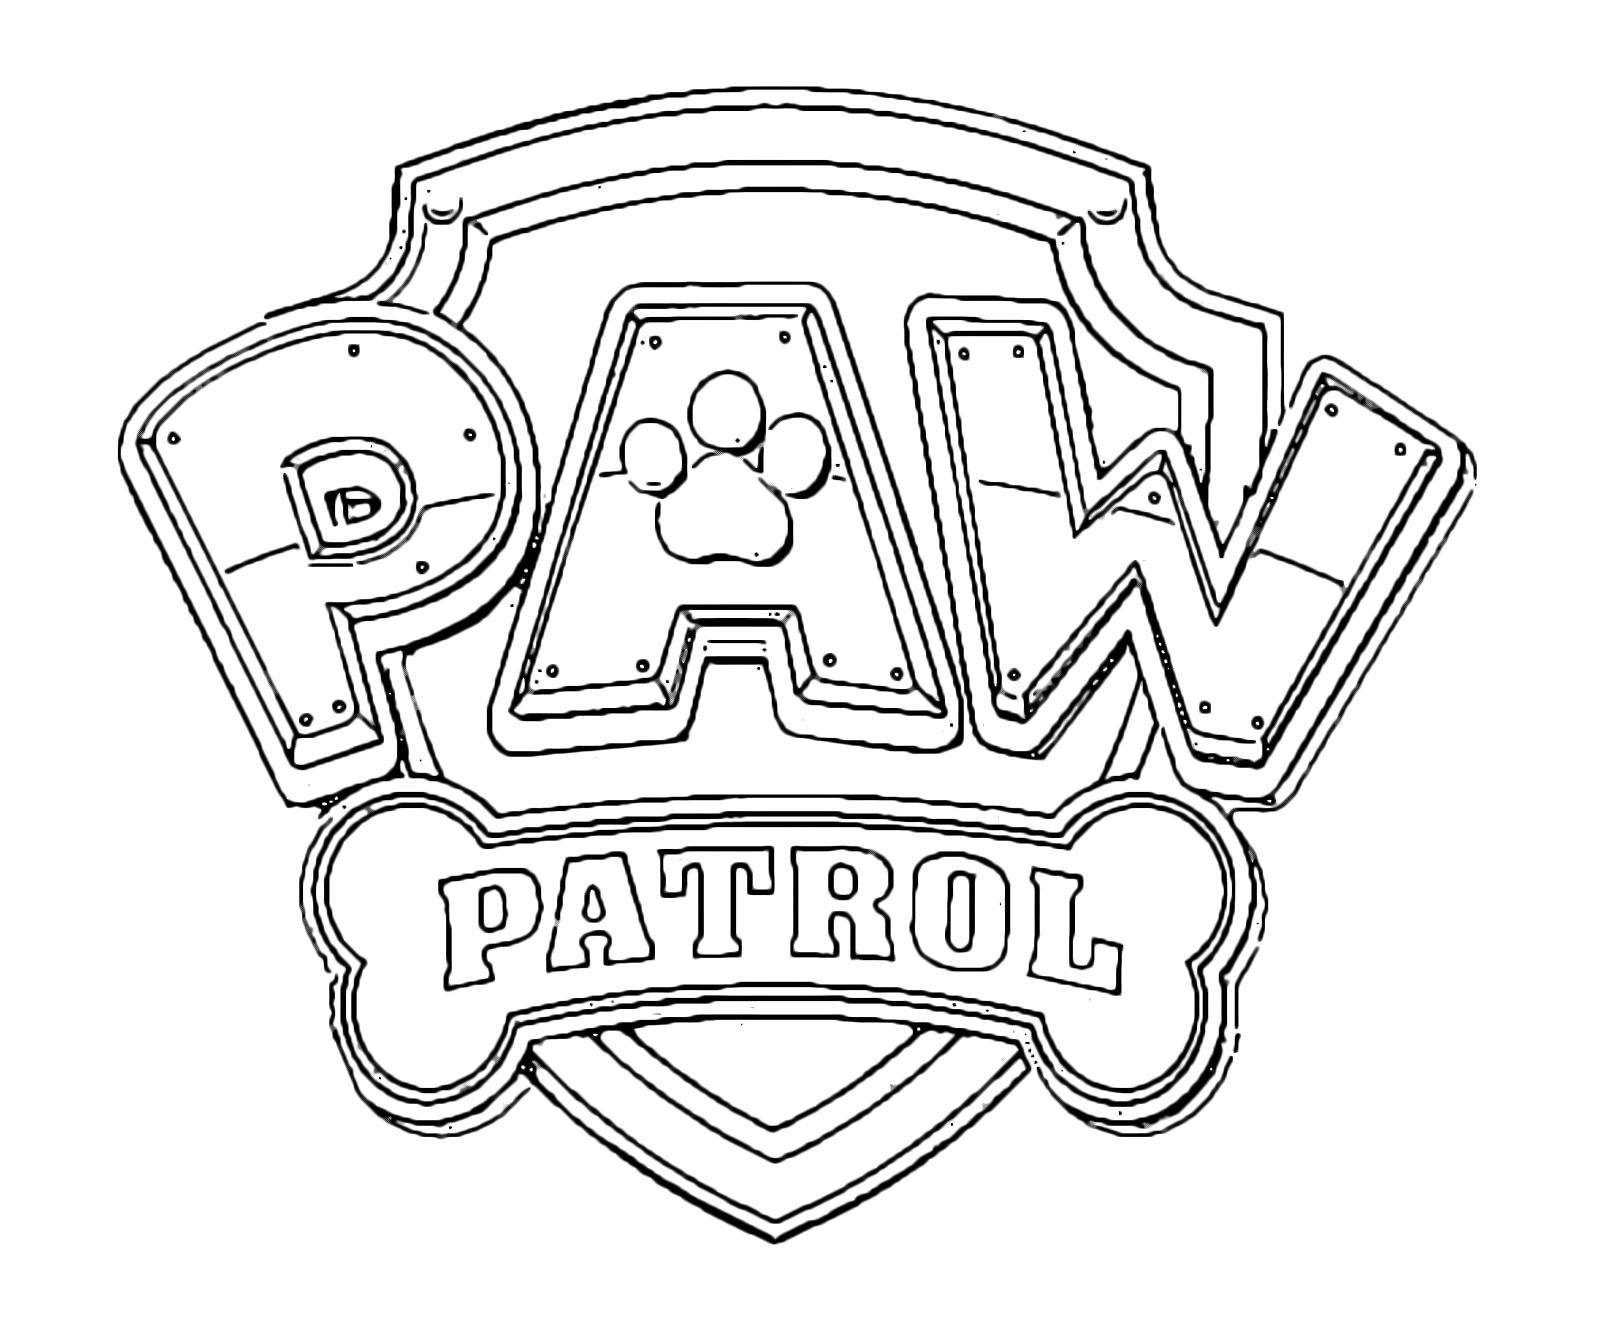 il simbolo dei paw patrol